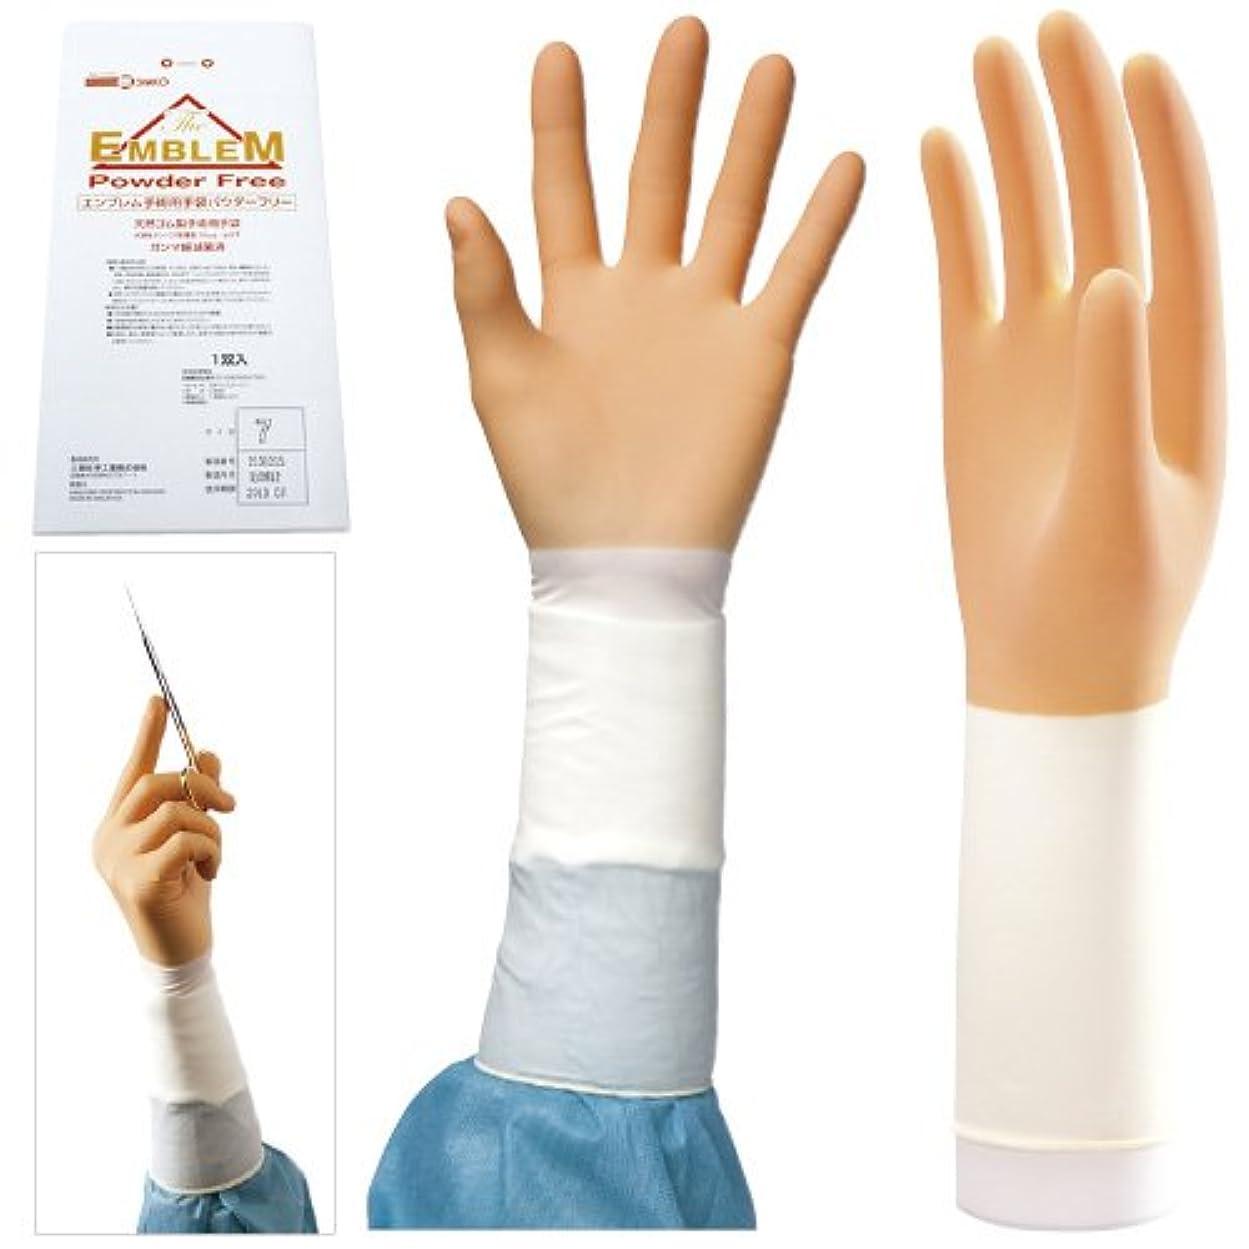 命令的強制乗算エンブレム手術用手袋 パウダーフリー NEW(20双入) 5.5